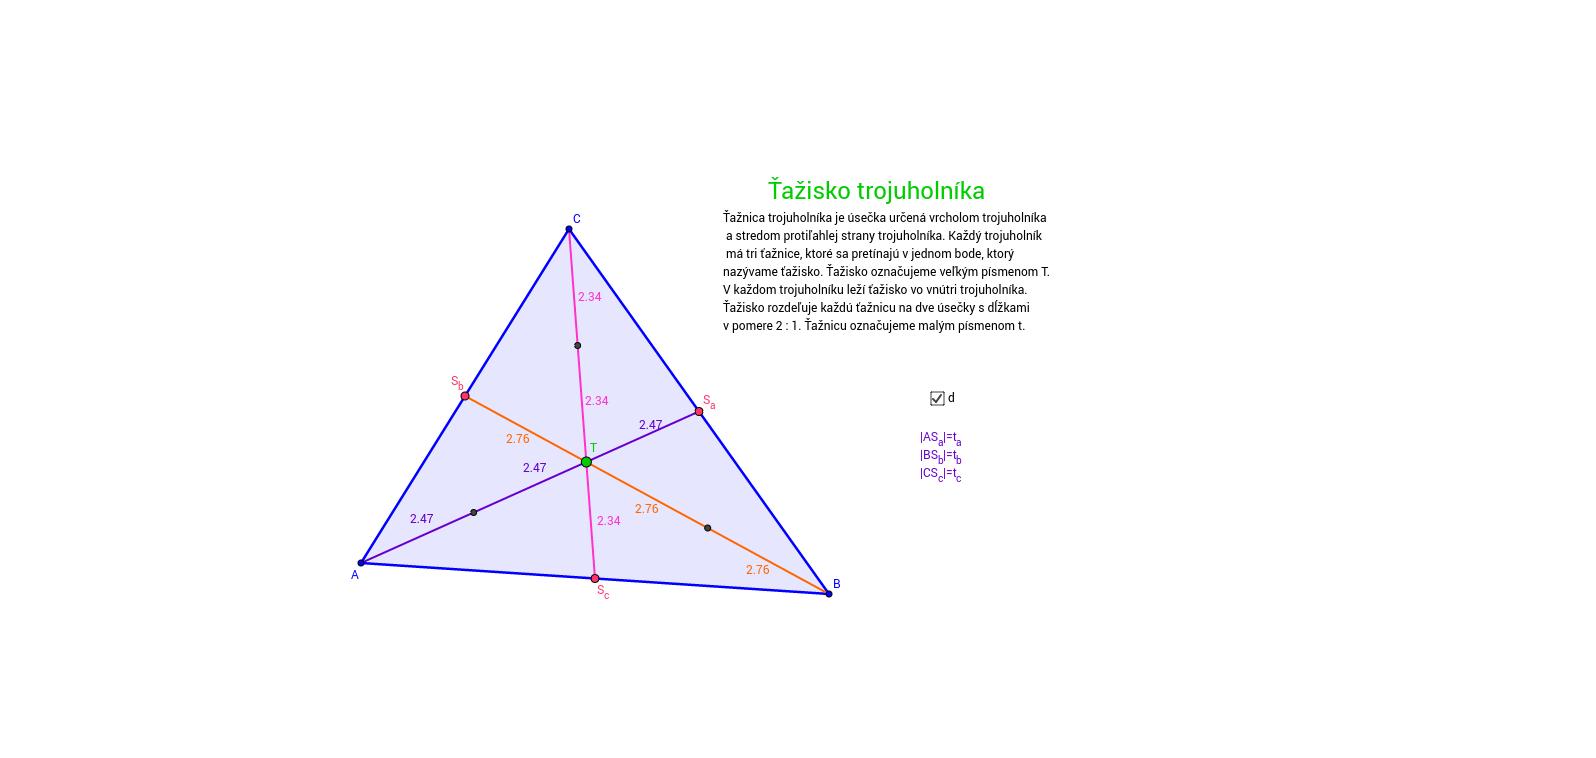 PIP ťažisko trojuholníka (c) Moravská